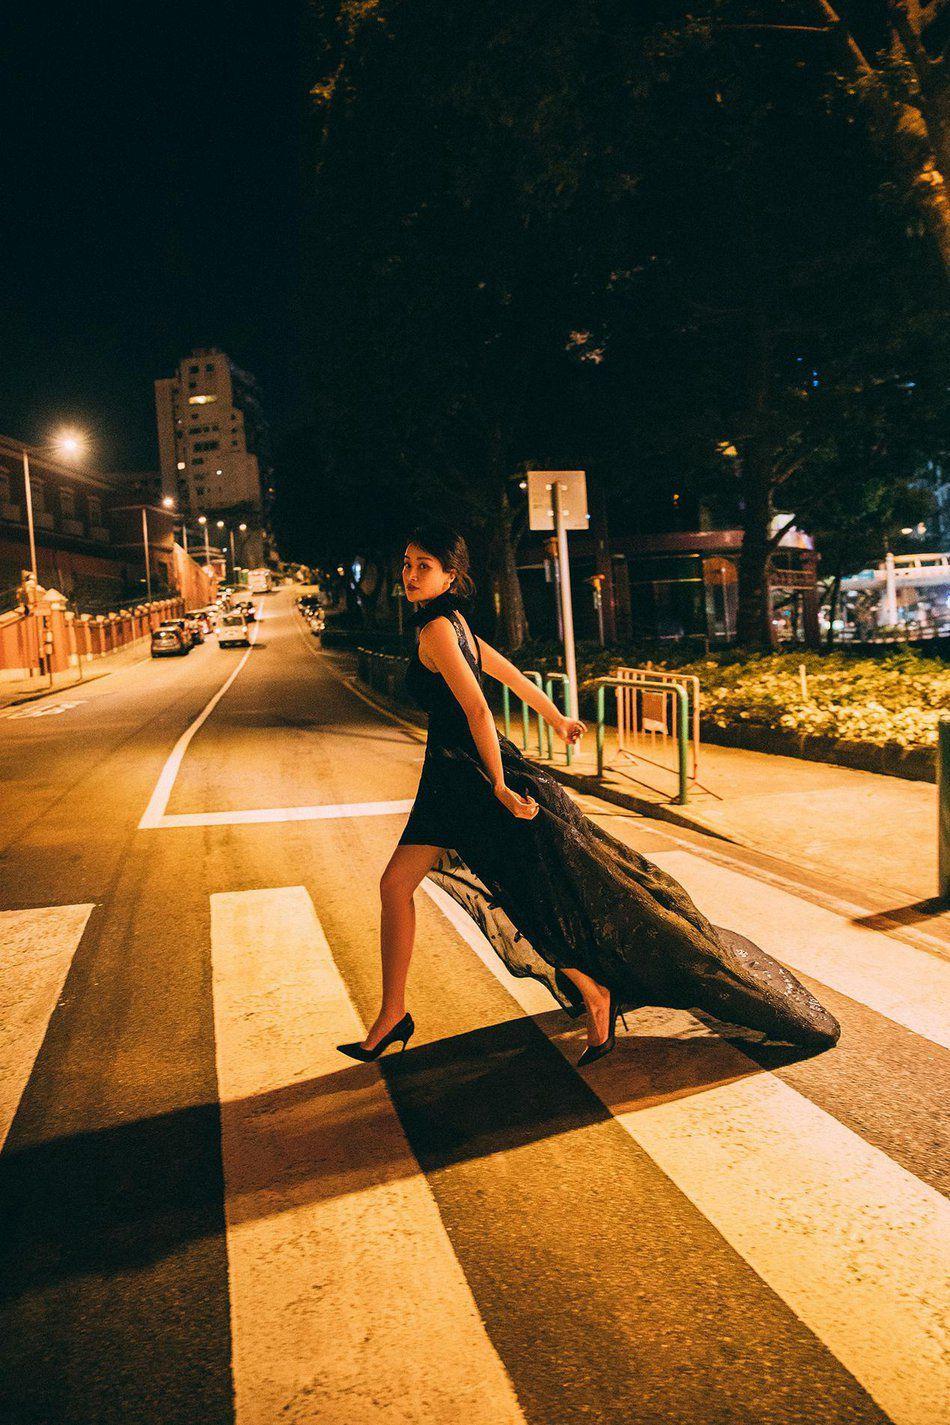 赵子琪黑色开衩长裙典雅大气性感港风街拍夜拍写真图片